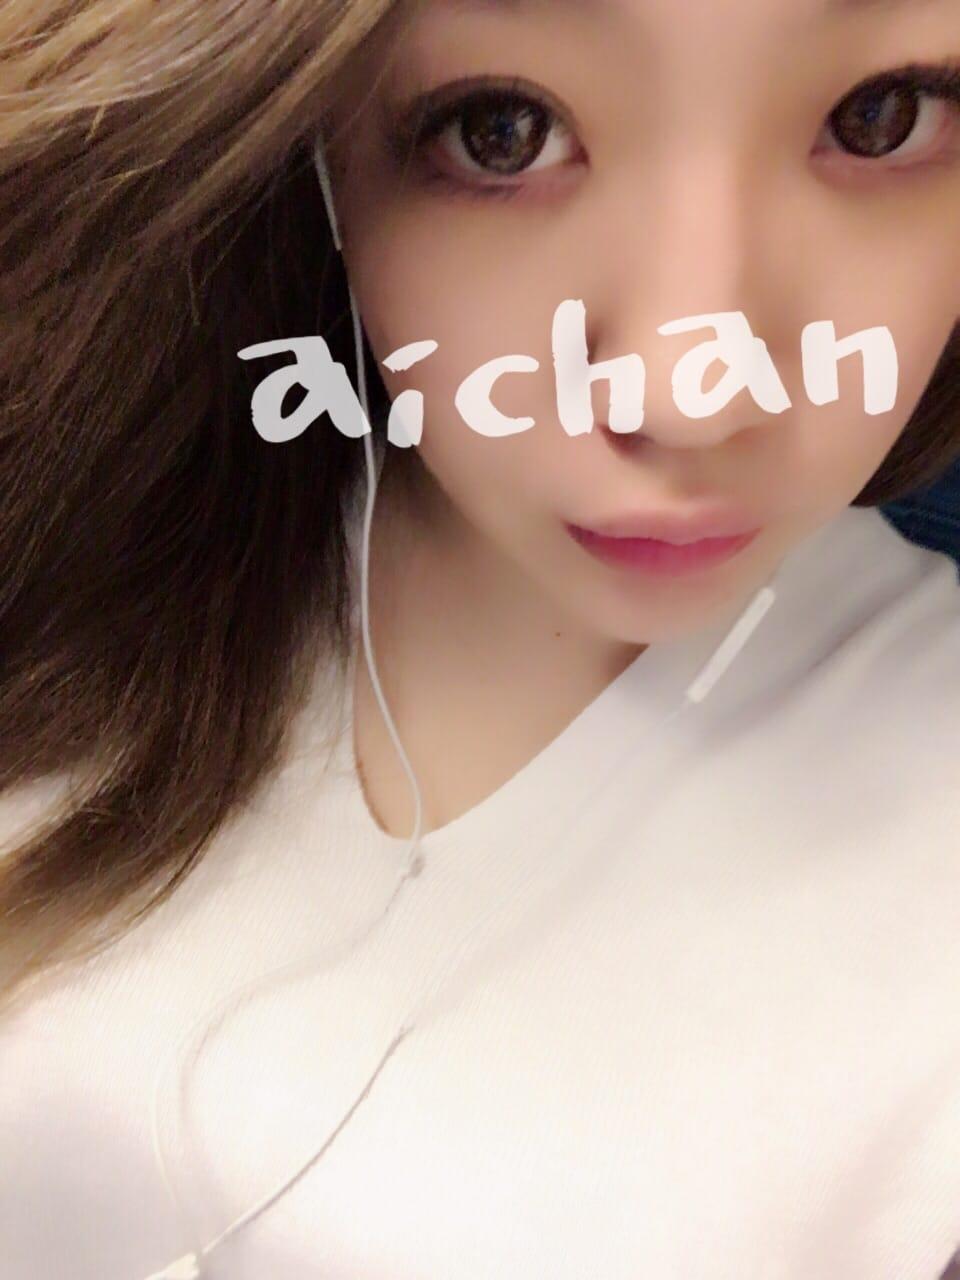 「ごーごー」01/18(木) 16:34 | あいちゃん.の写メ・風俗動画